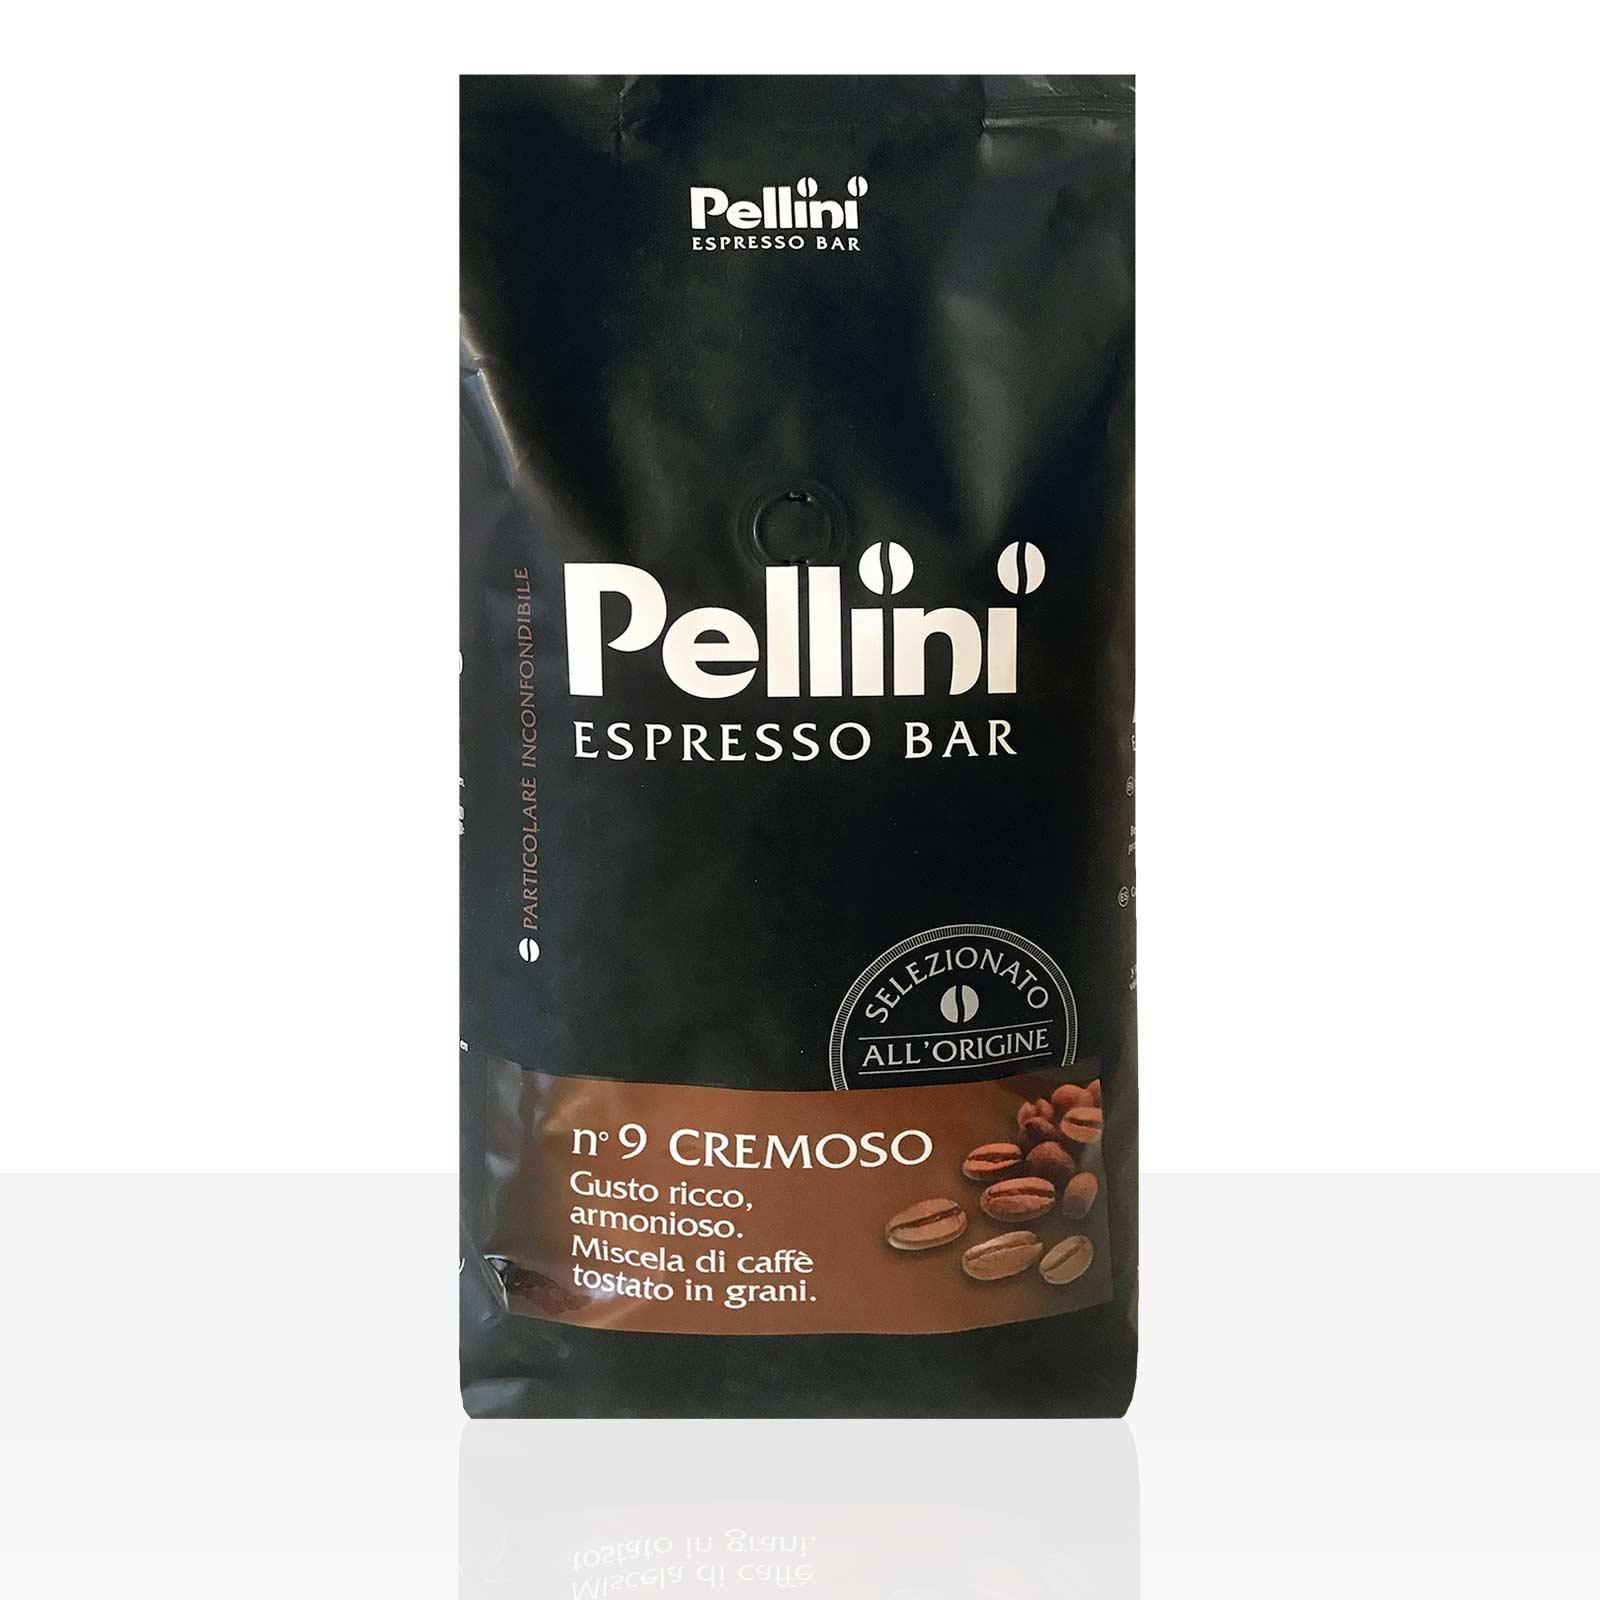 Pellini Espresso Bar N° 9 Cremoso 6 x 1kg Kaffee ganze Bohne